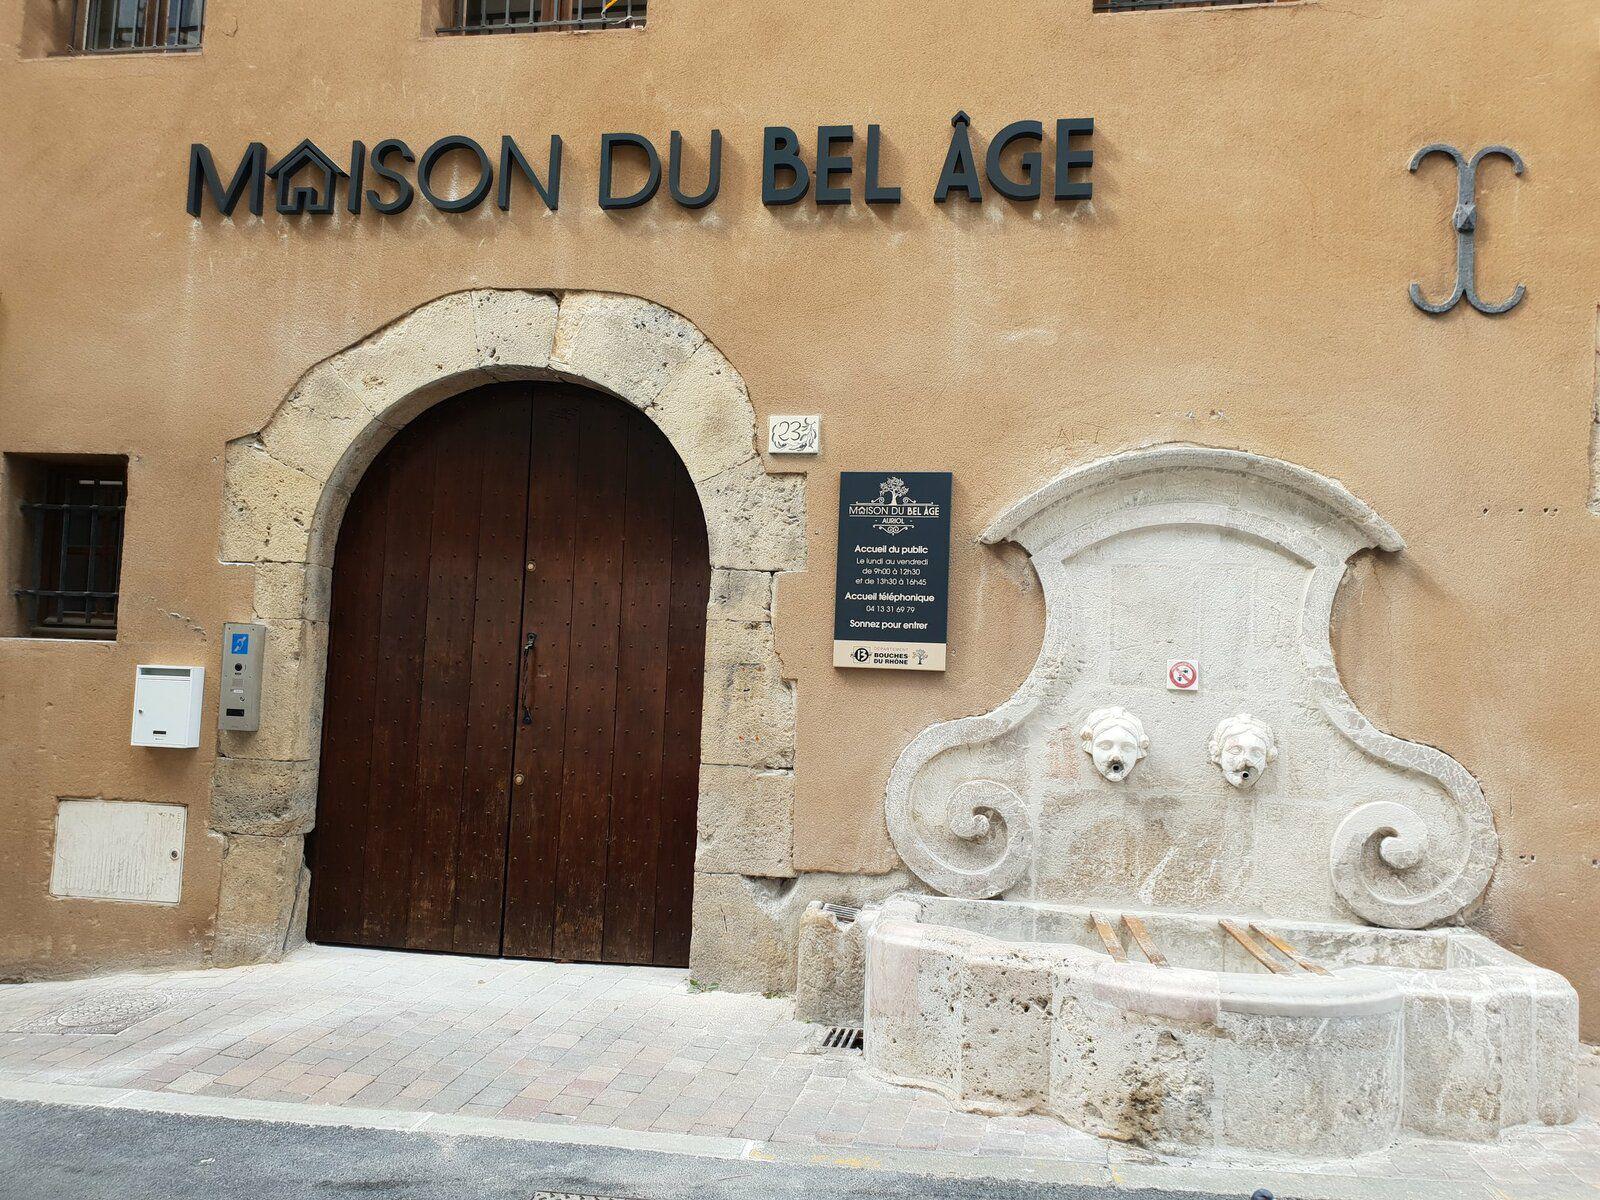 OUVERTURE DE LA MAISON DU BEL AGE